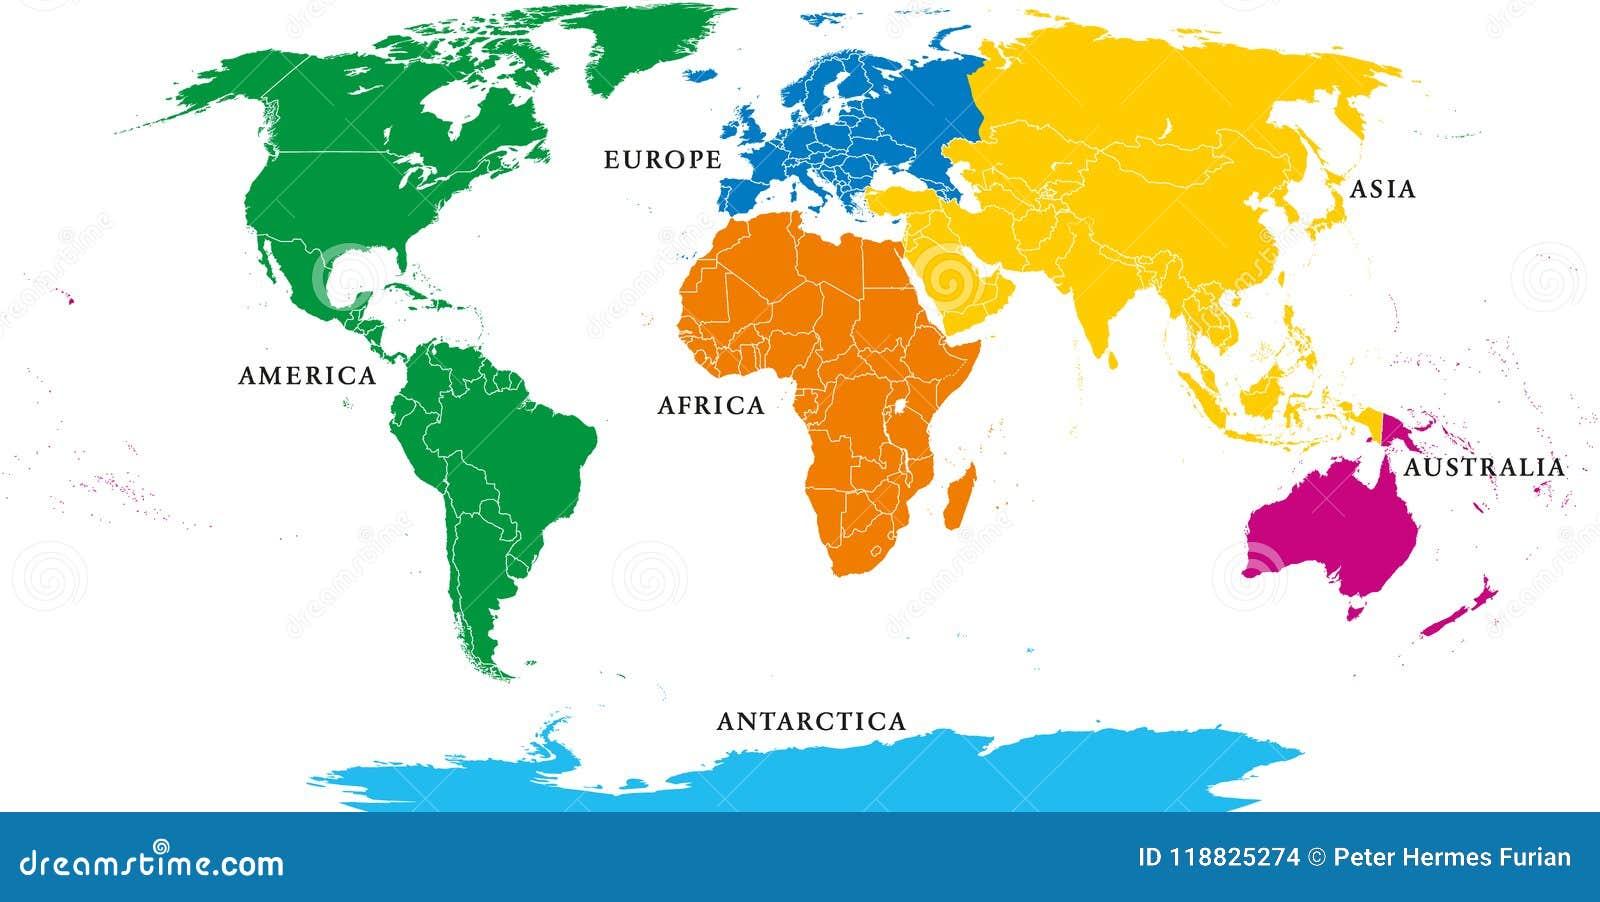 Sechs Kontinente Politische Weltkarte Mit Grenzen Vektor